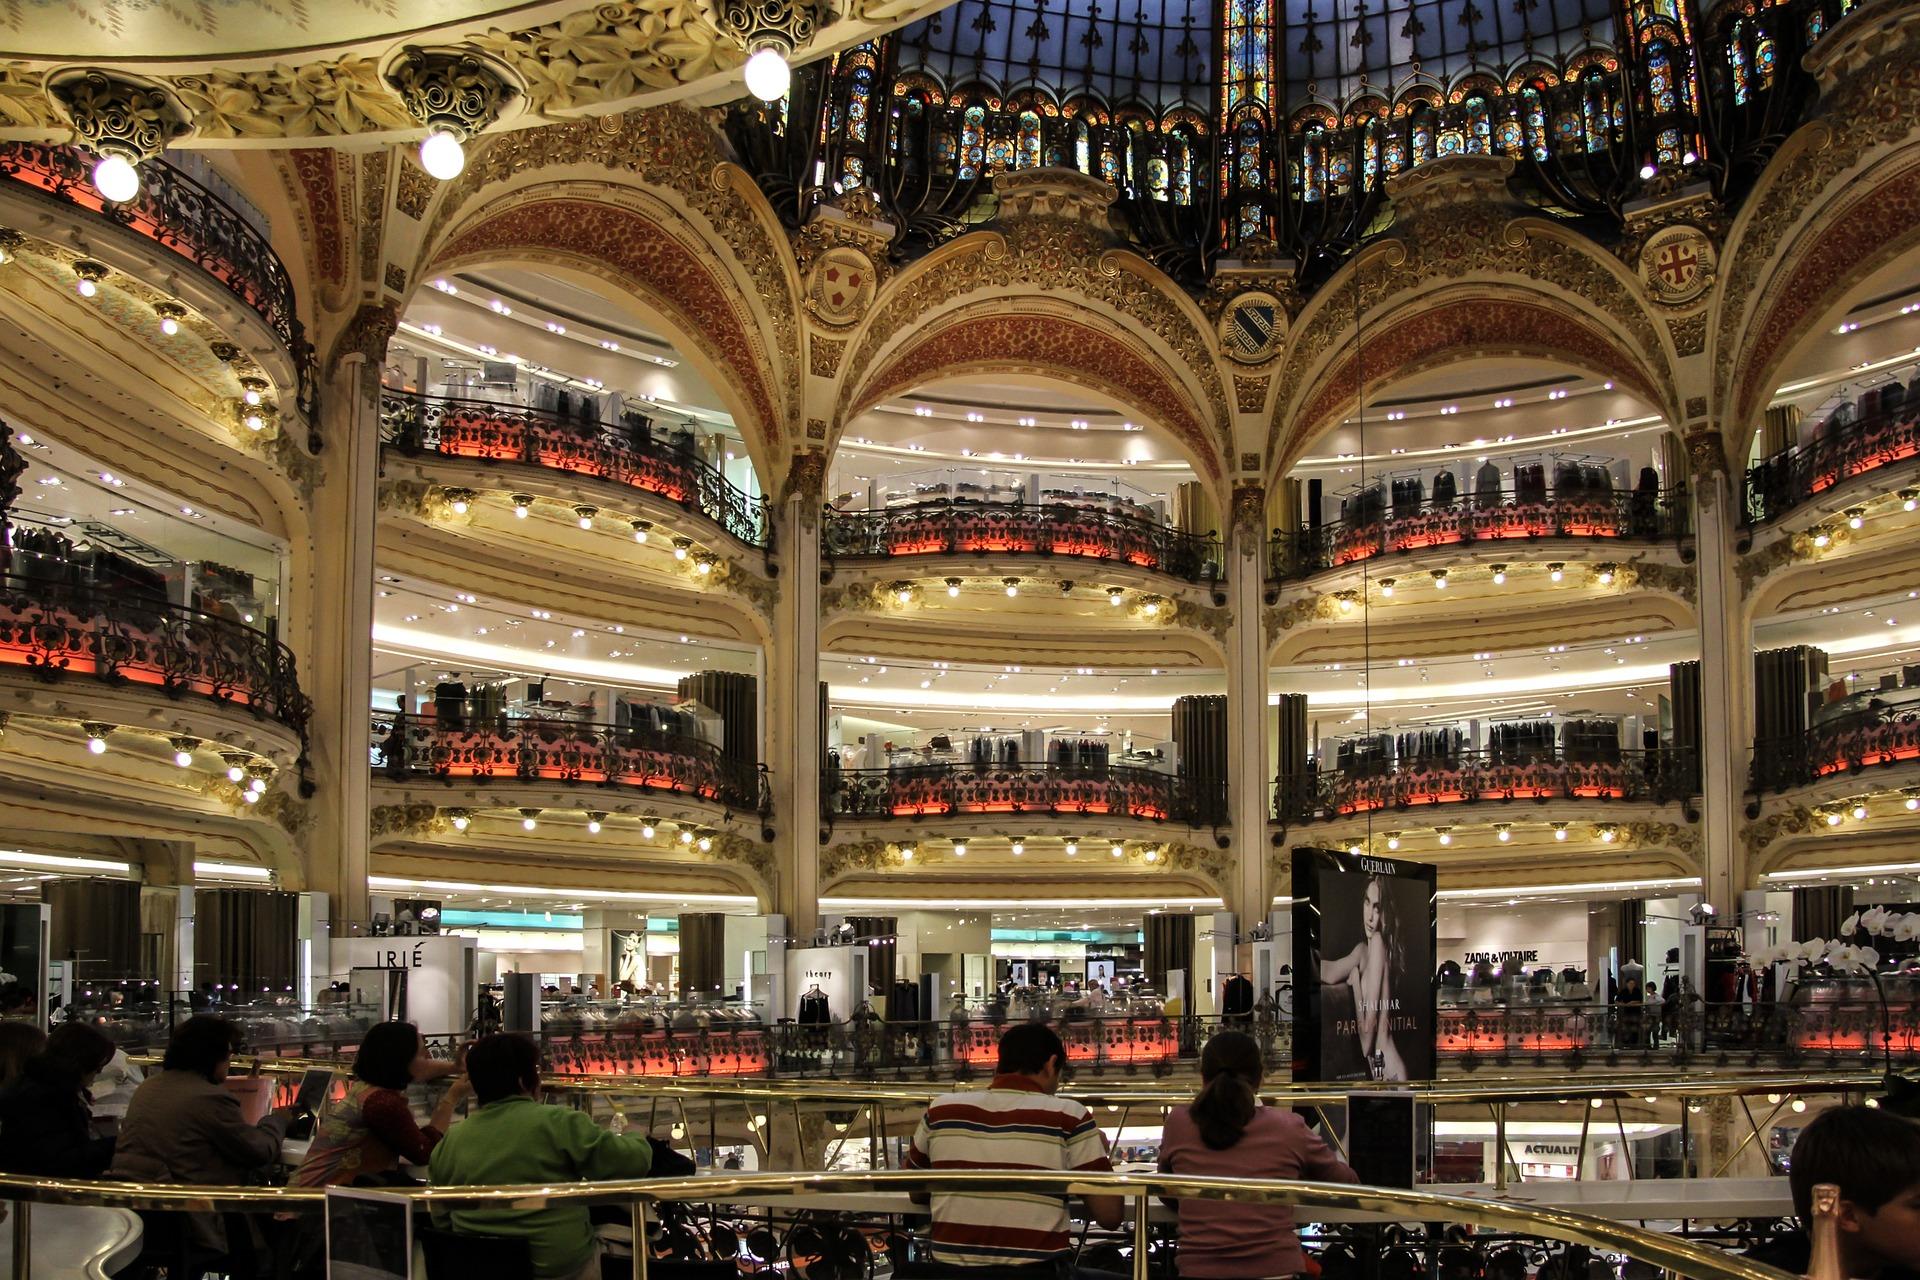 Blog o nauce angielskiego - Nauka angielskiego online - Czytanie po angielsku - The Galeries Lafayette